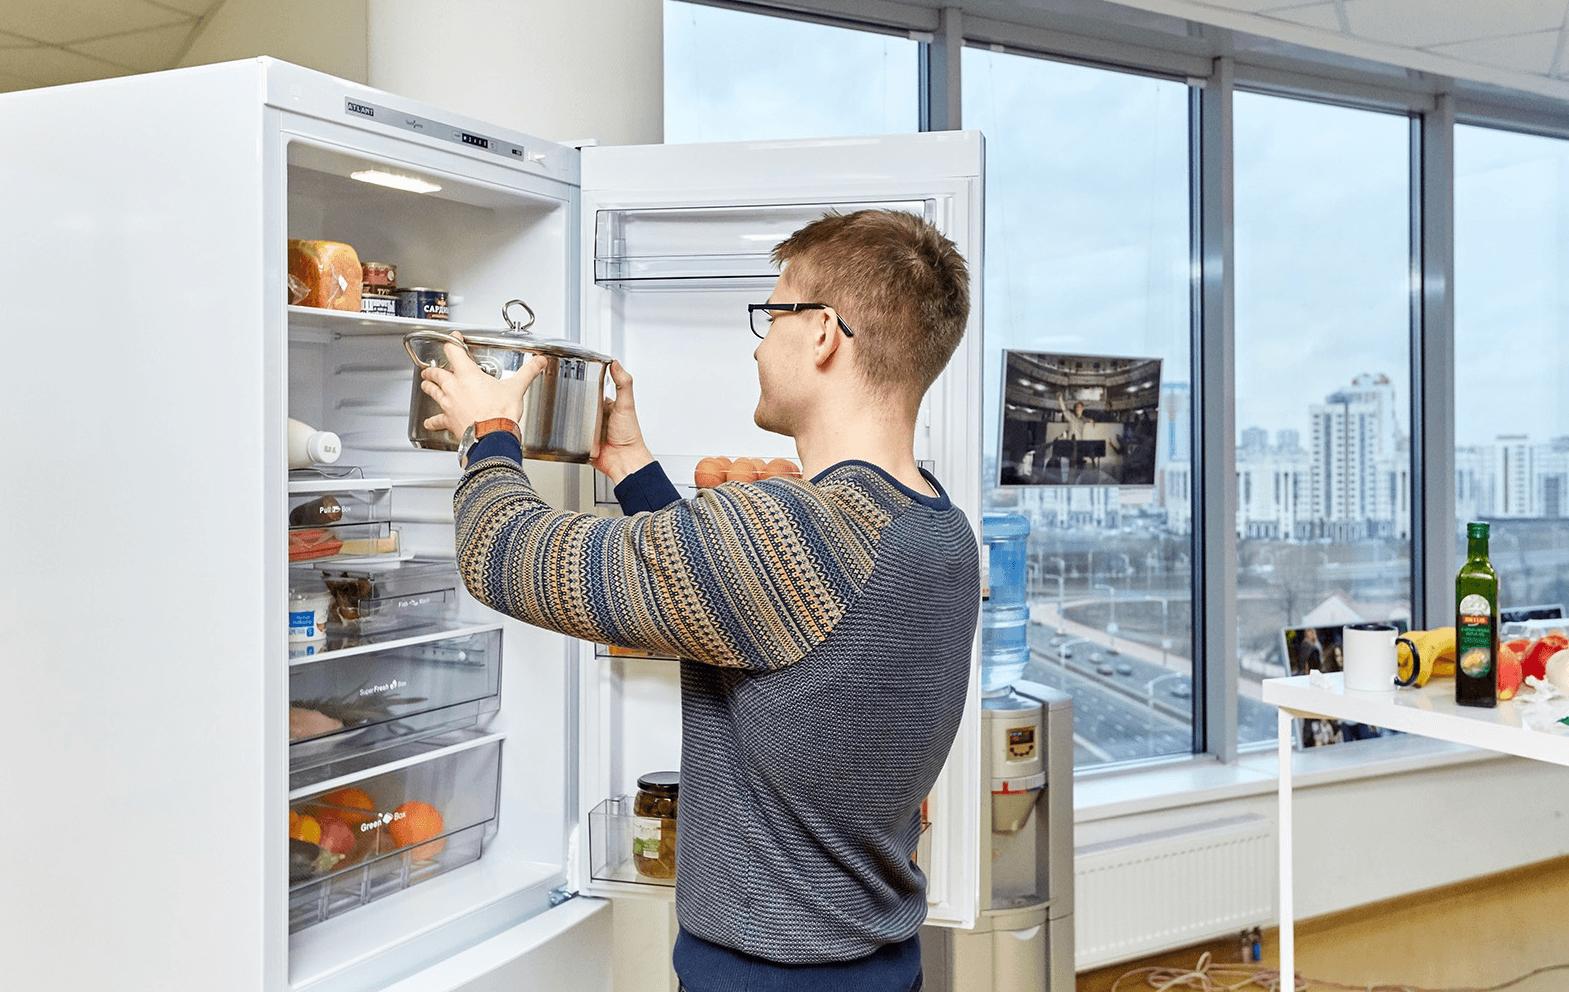 можно ли ставить горячее в холодильник